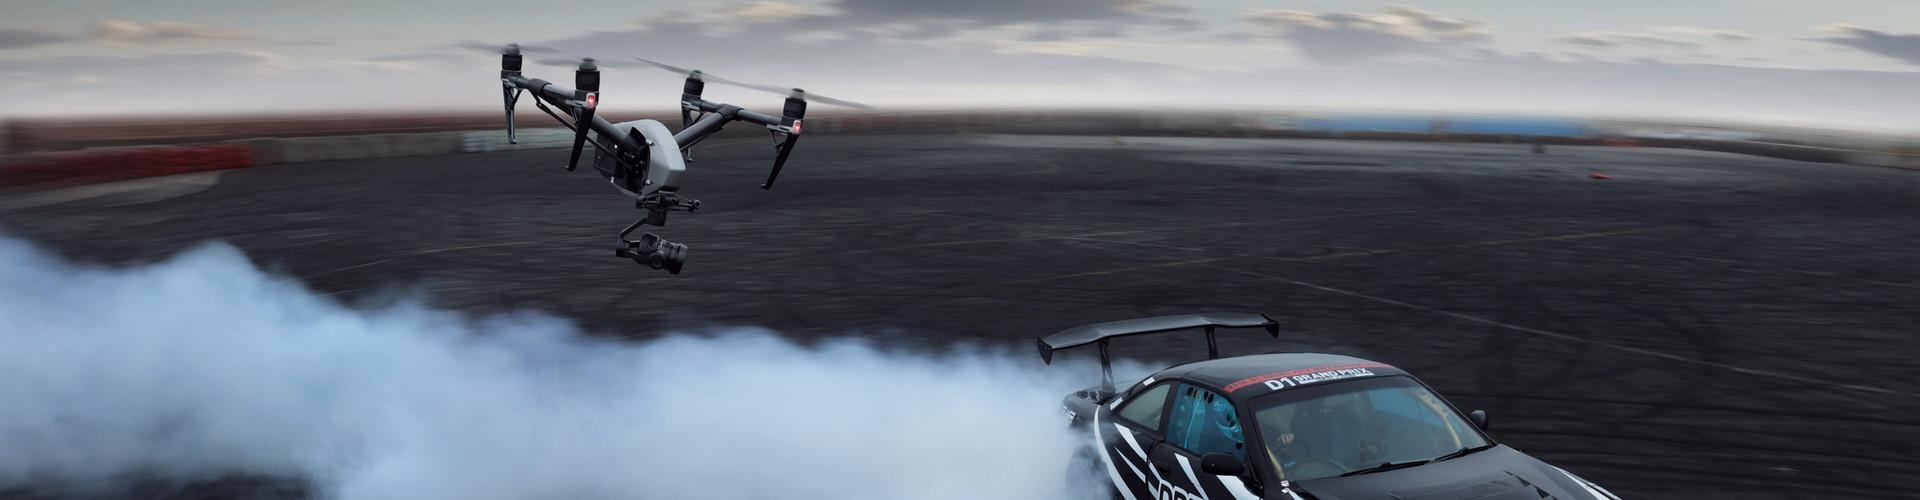 Capacitación de manejo drone dji cali colombia